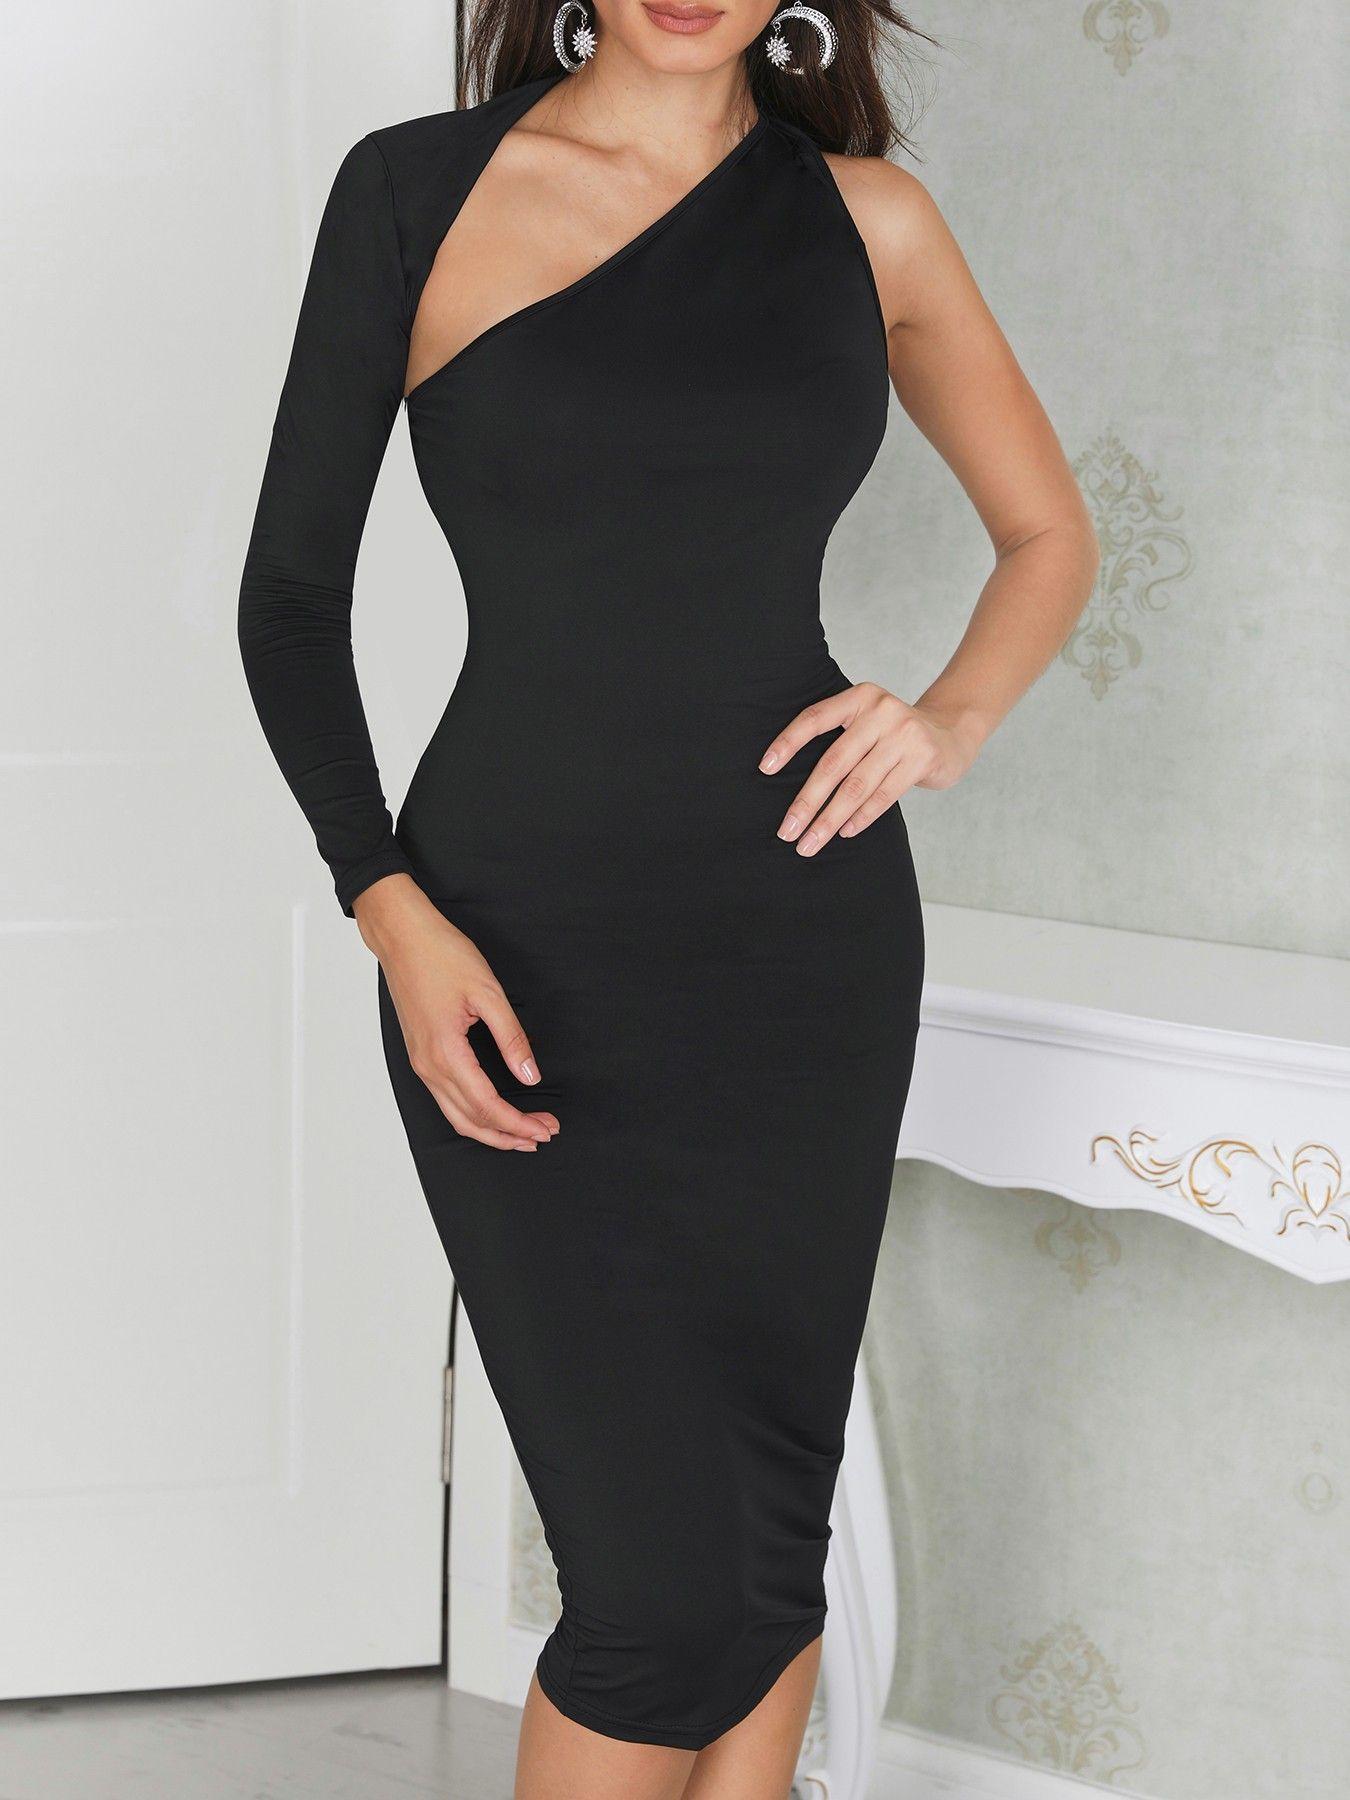 32++ One shoulder black dress ideas